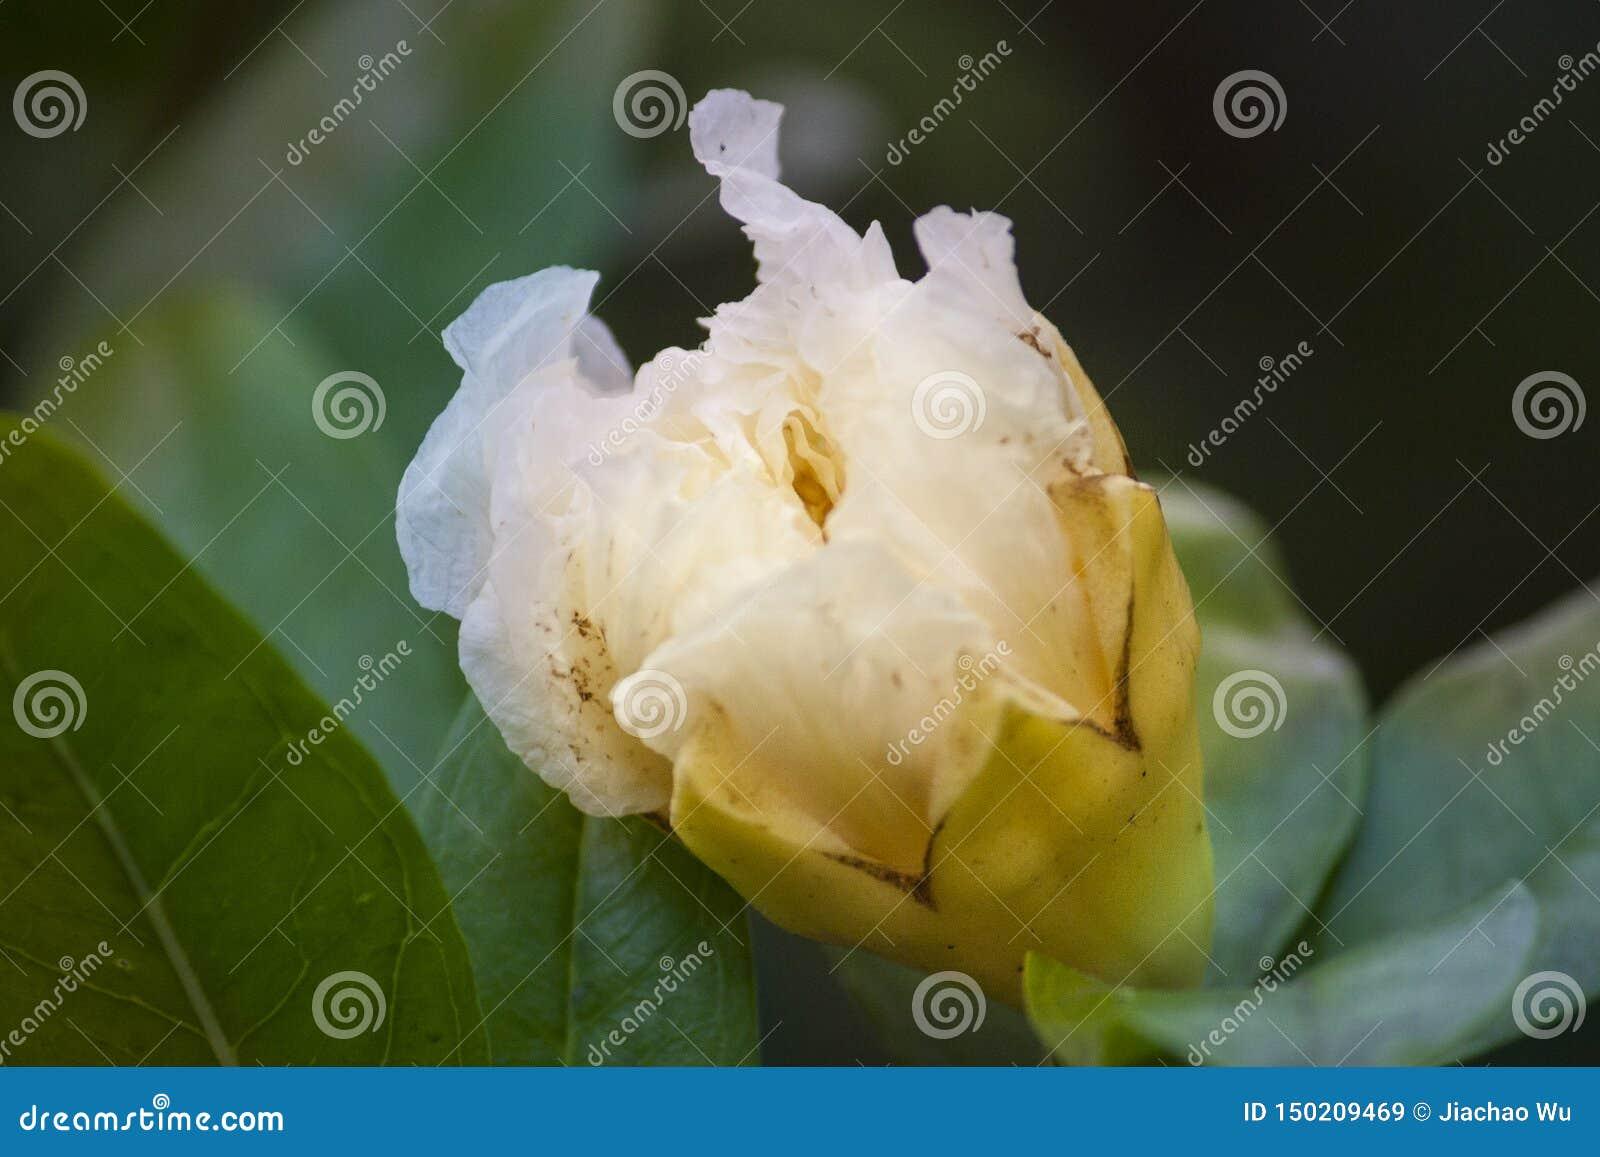 Flores blancas, flores blancas translúcidas, flores del hd